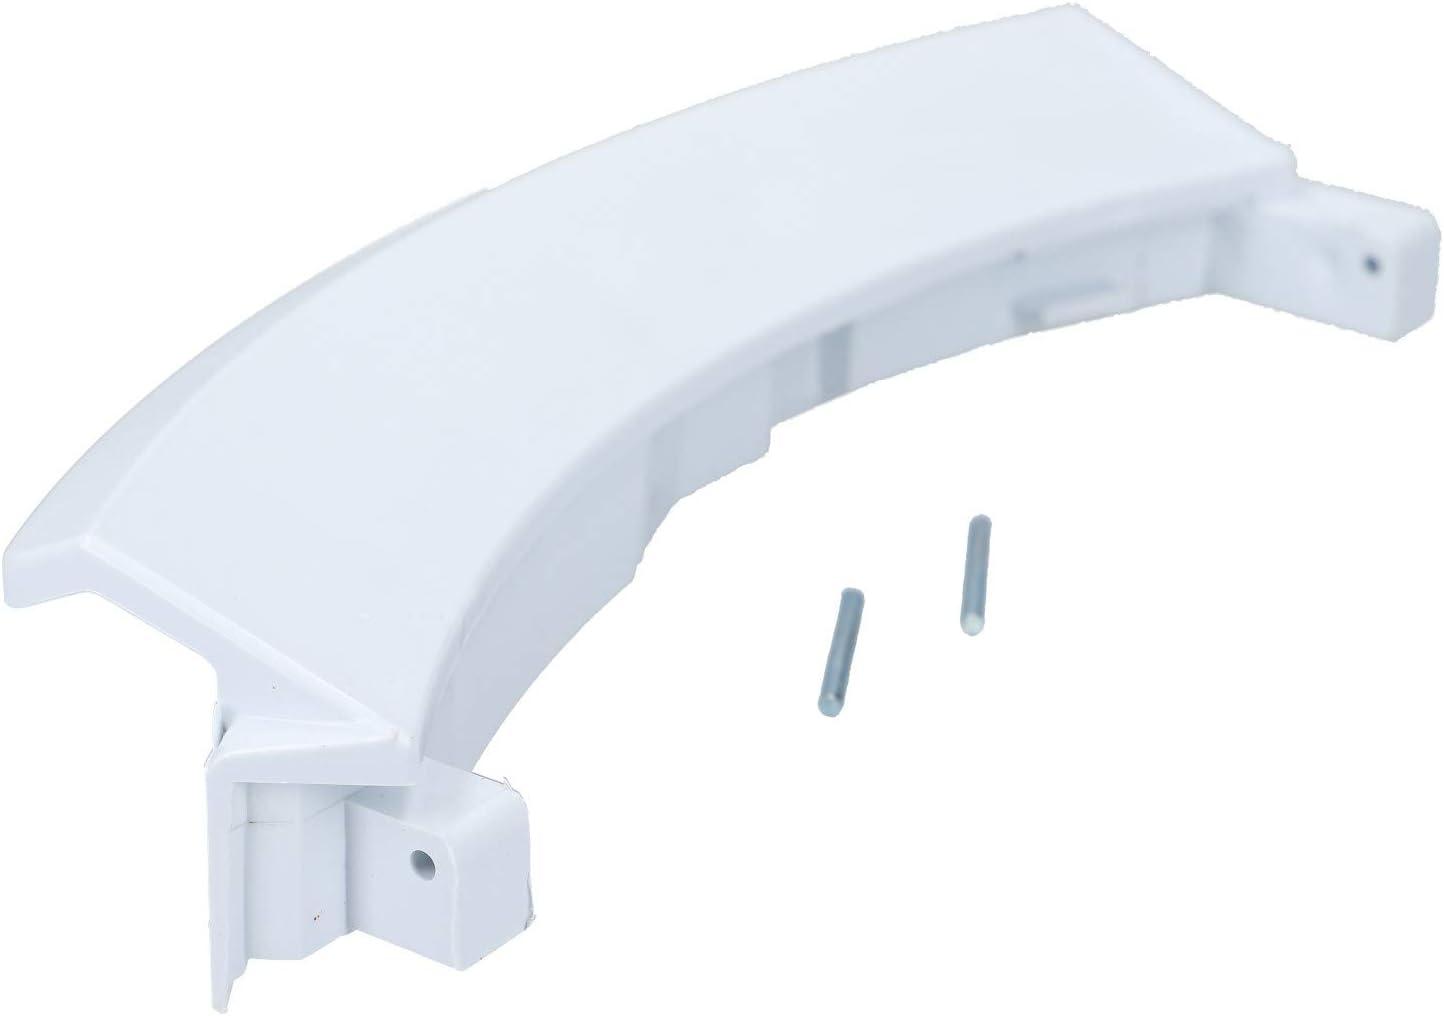 Tirador de puerta para Bosch Siemens 00751782 751782 WLT24440 Logixx 8 lavadora